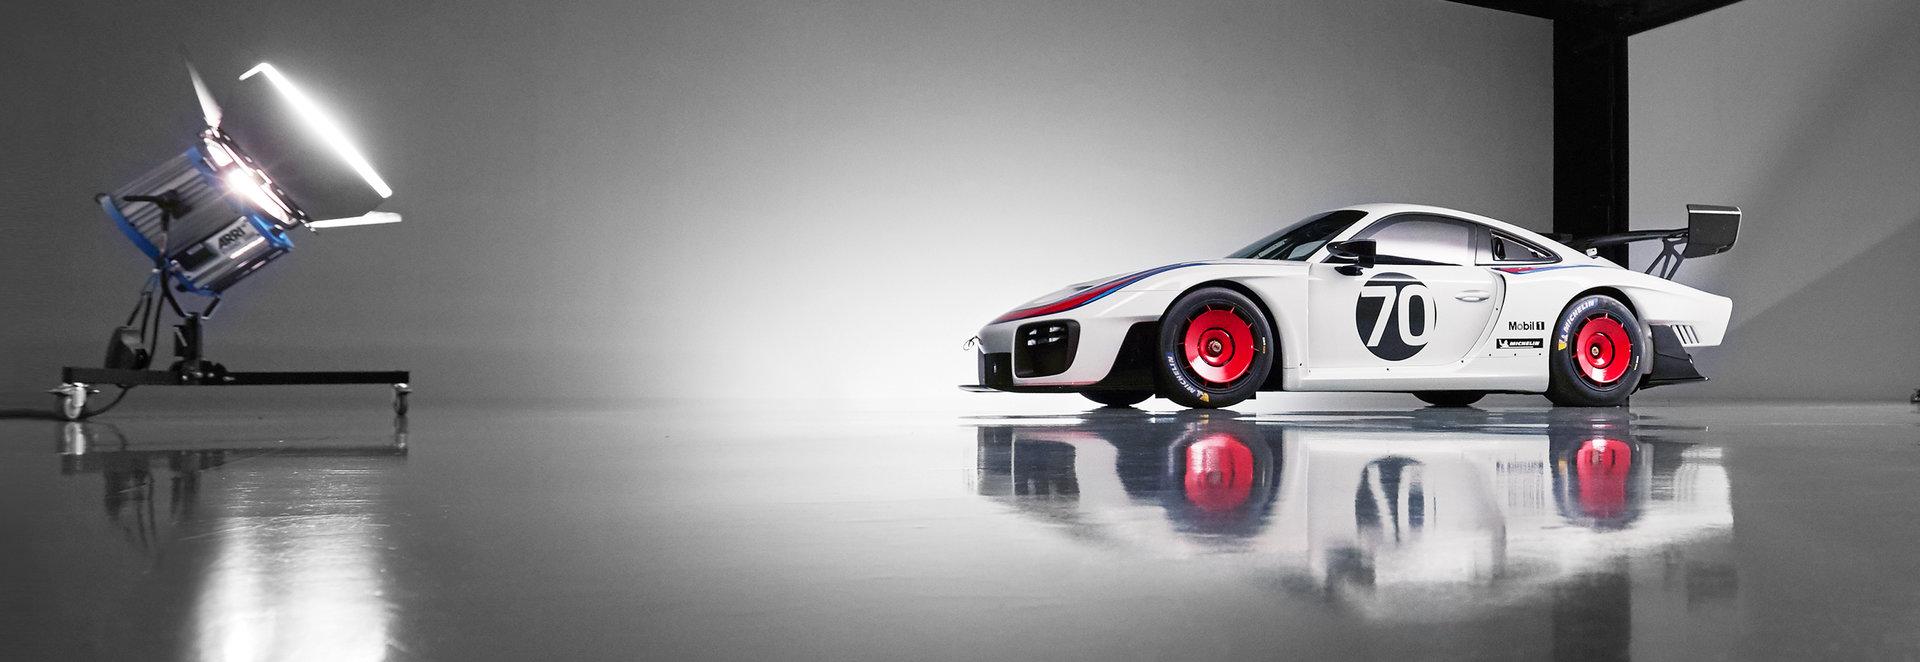 """Porsche 935 2018, una reinterpretación moderna del mítico """"Moby Dick"""""""